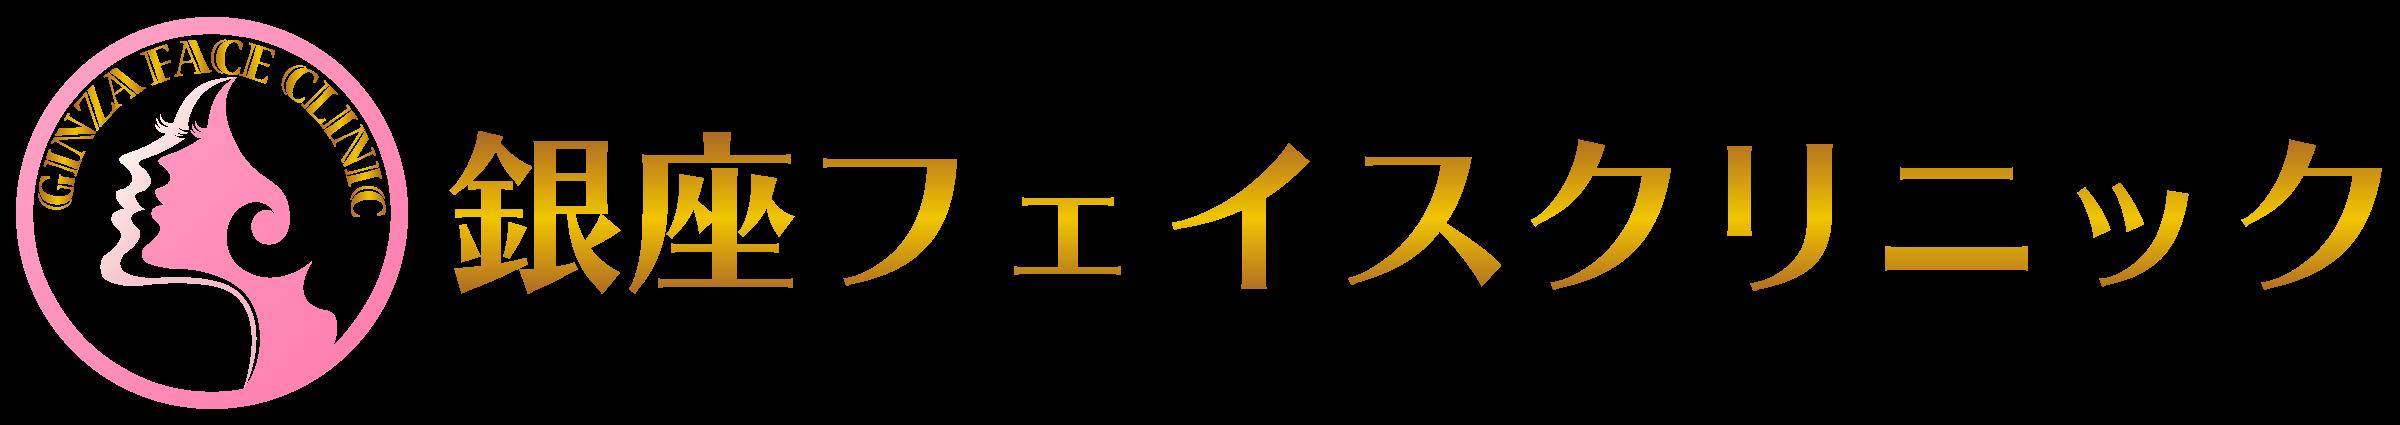 小顔整形・輪郭整形専門の美容外科 / 銀座フェイスクリニック